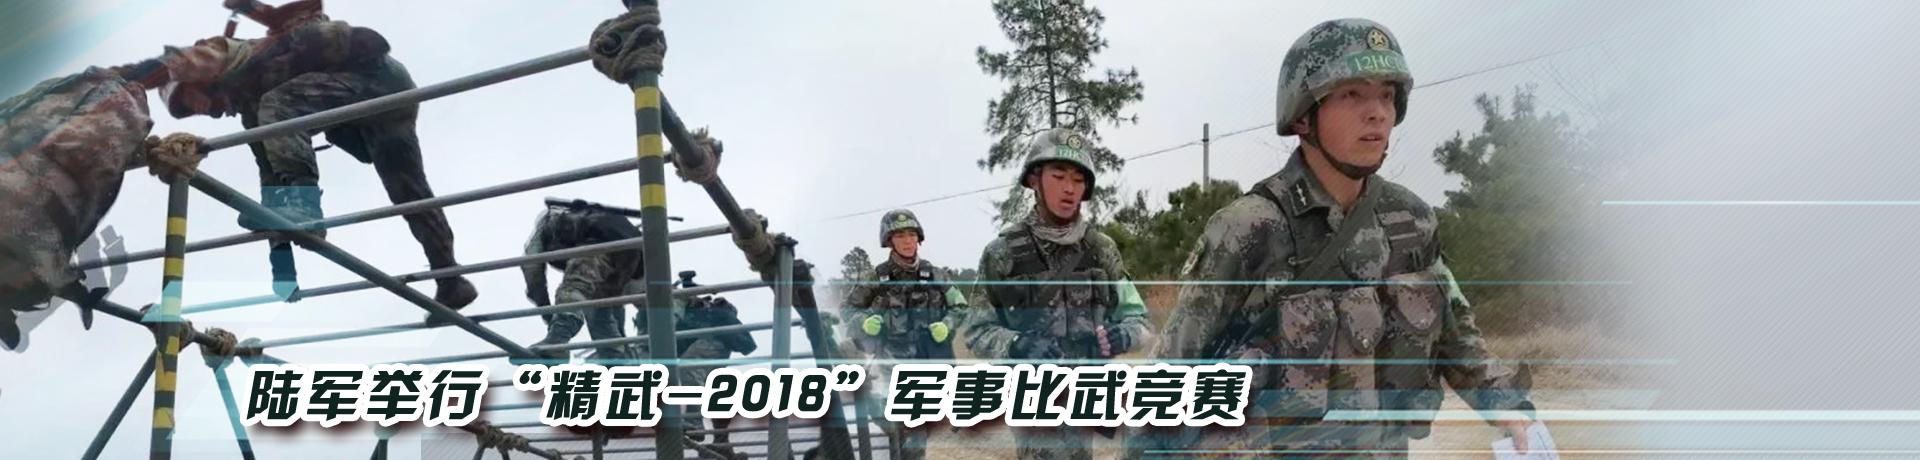 """陆军举行""""精武-2018"""" 军事比武竞赛"""